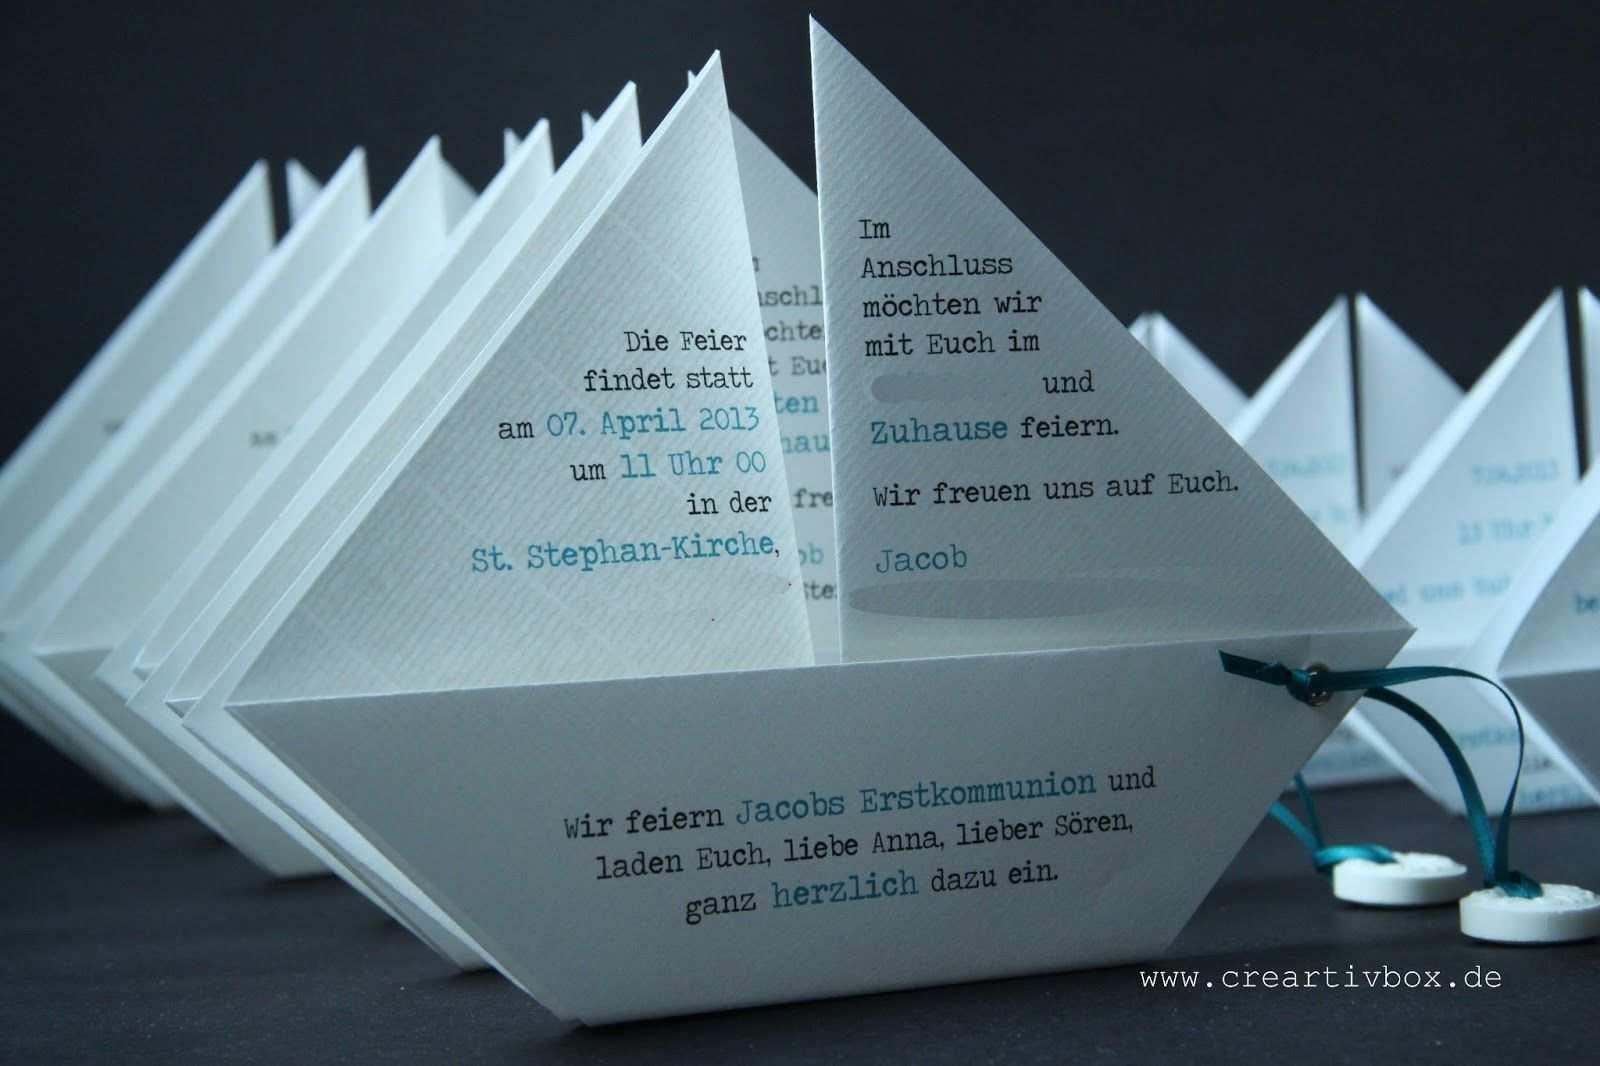 Paperboat 019 Jpg 1 600 1 066 Pixel Einladungskarten Kommunion Einladung Kommunion Einladung Konfirmation